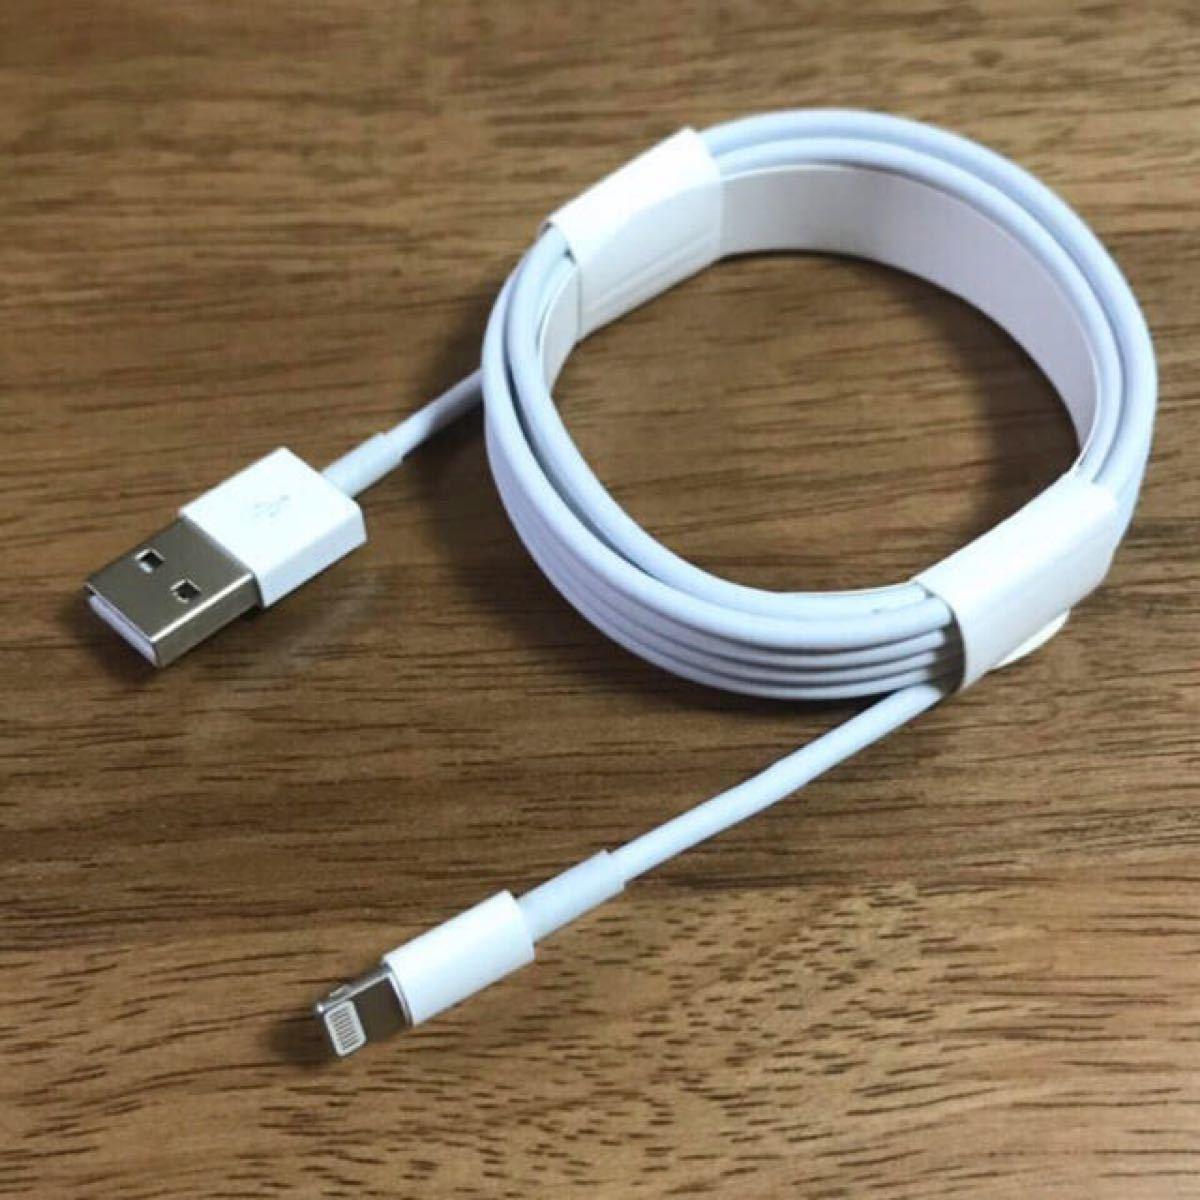 iPhone 充電器 充電ケーブル コード lightning cable 1m 2m アダプタ 3点セット ライトニングケーブル